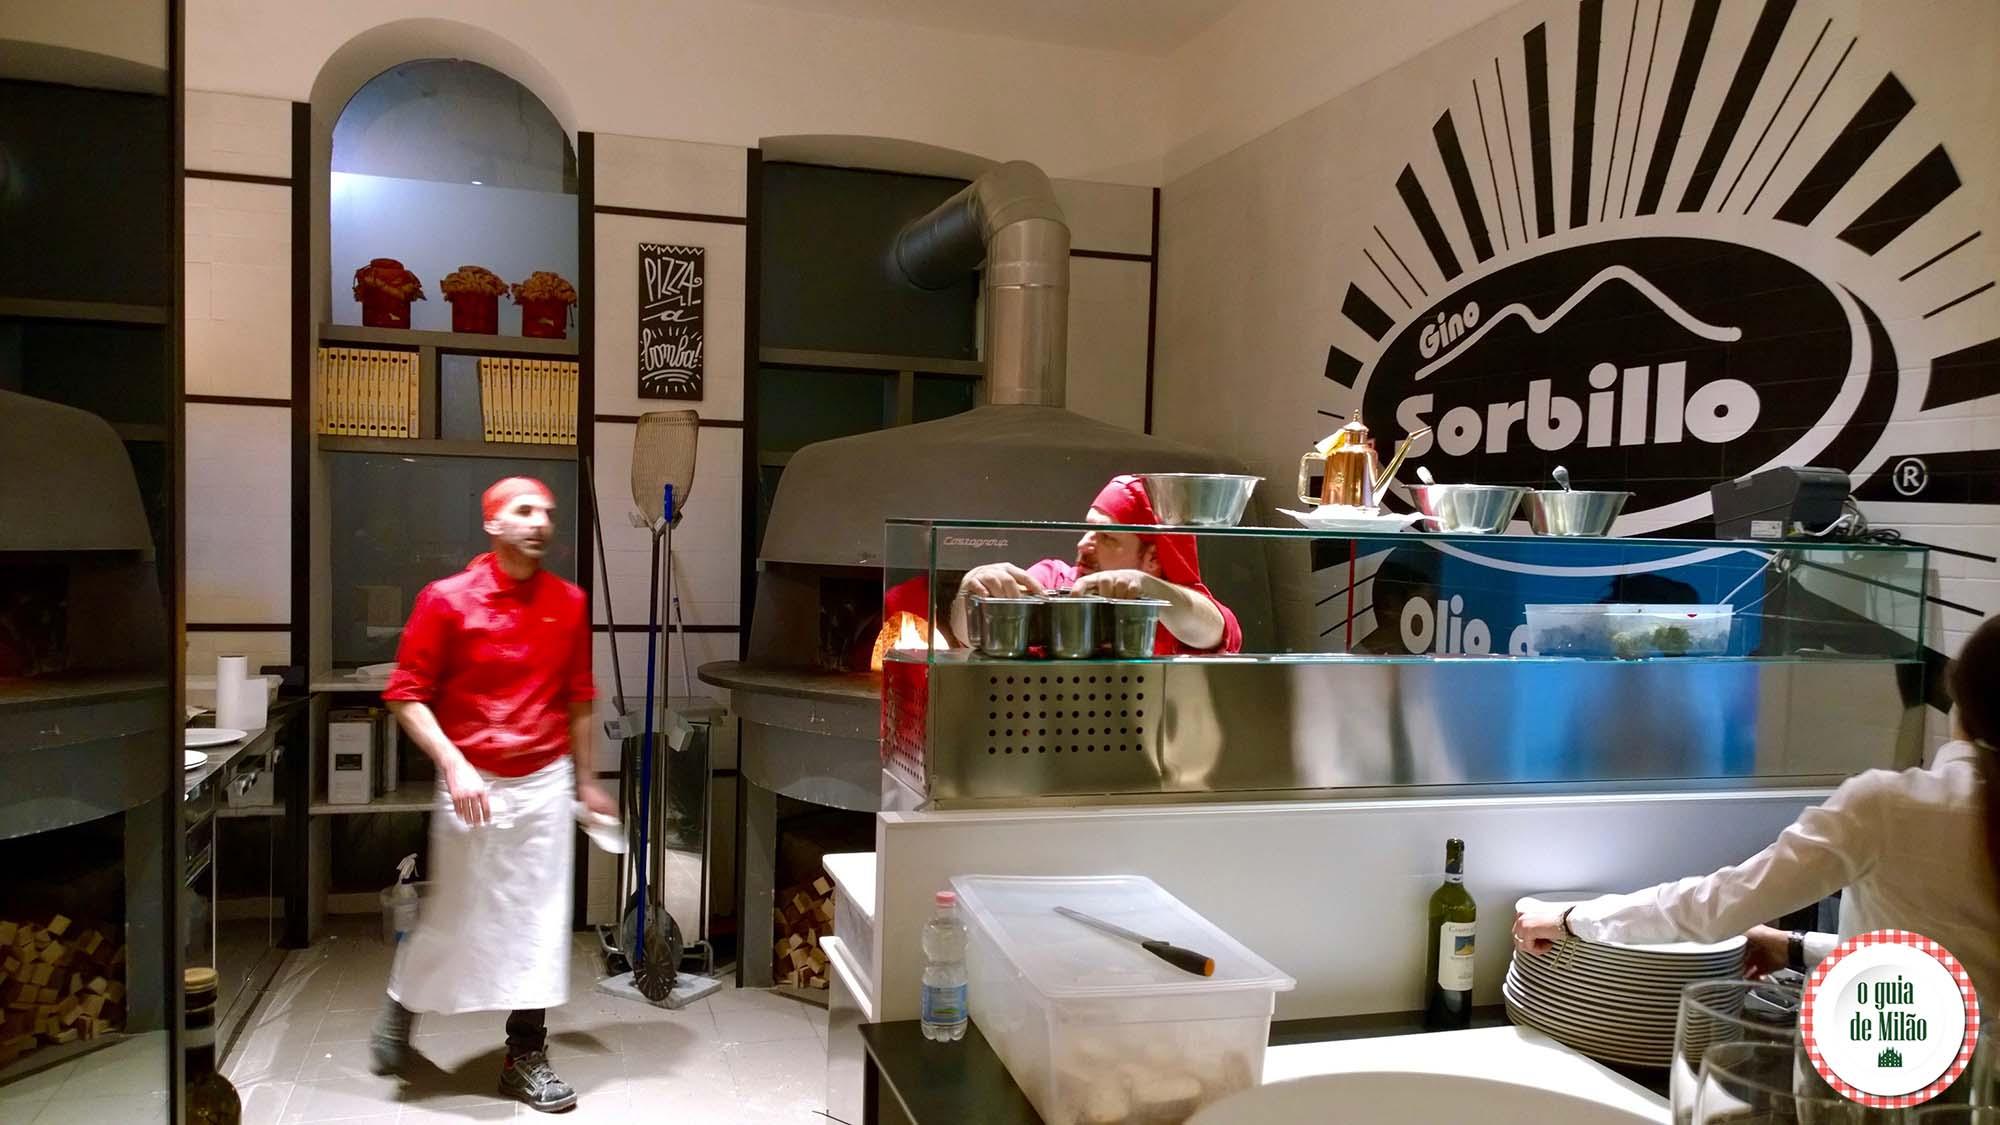 Pizzaria Olio a crudo de Gino Sorbillo em Milão